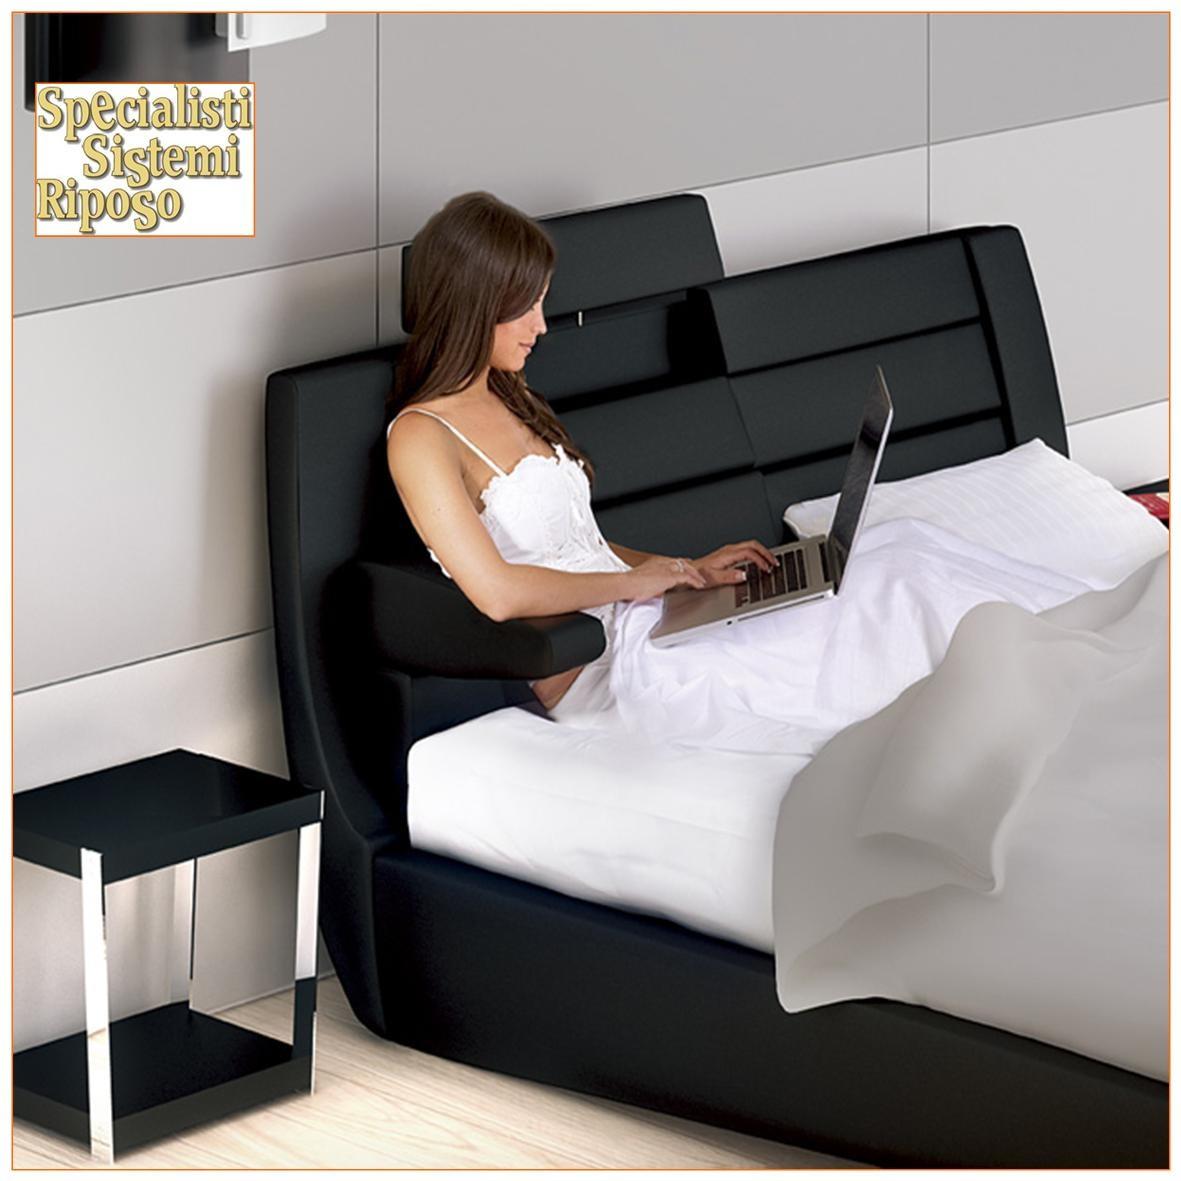 Letto con contenitore prezzi letto contenitore joy vunice with letto con contenitore prezzi - Prezzo letto contenitore ...